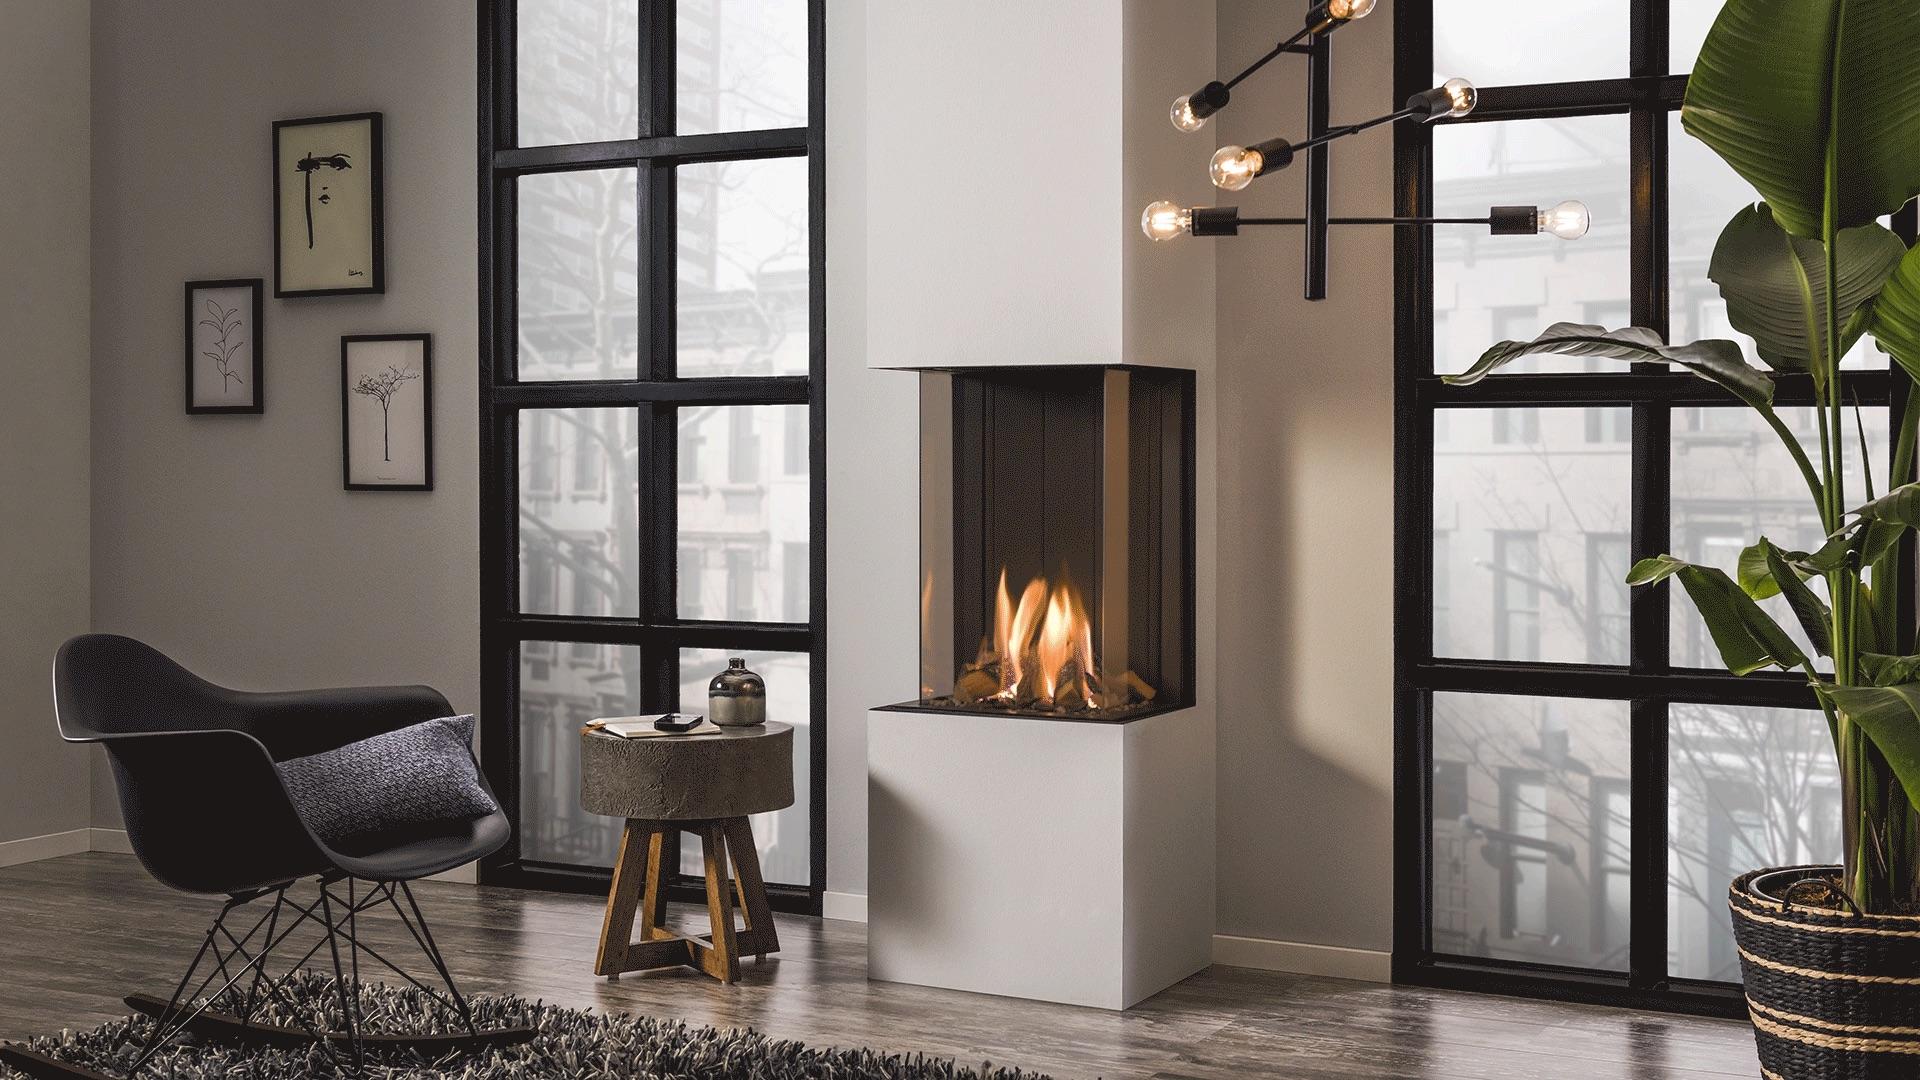 Gashaard in de woonkamer. Kleine driezijdige gashaard I Frame 38 via Helex #gashaard #helex #haardeninspiratie